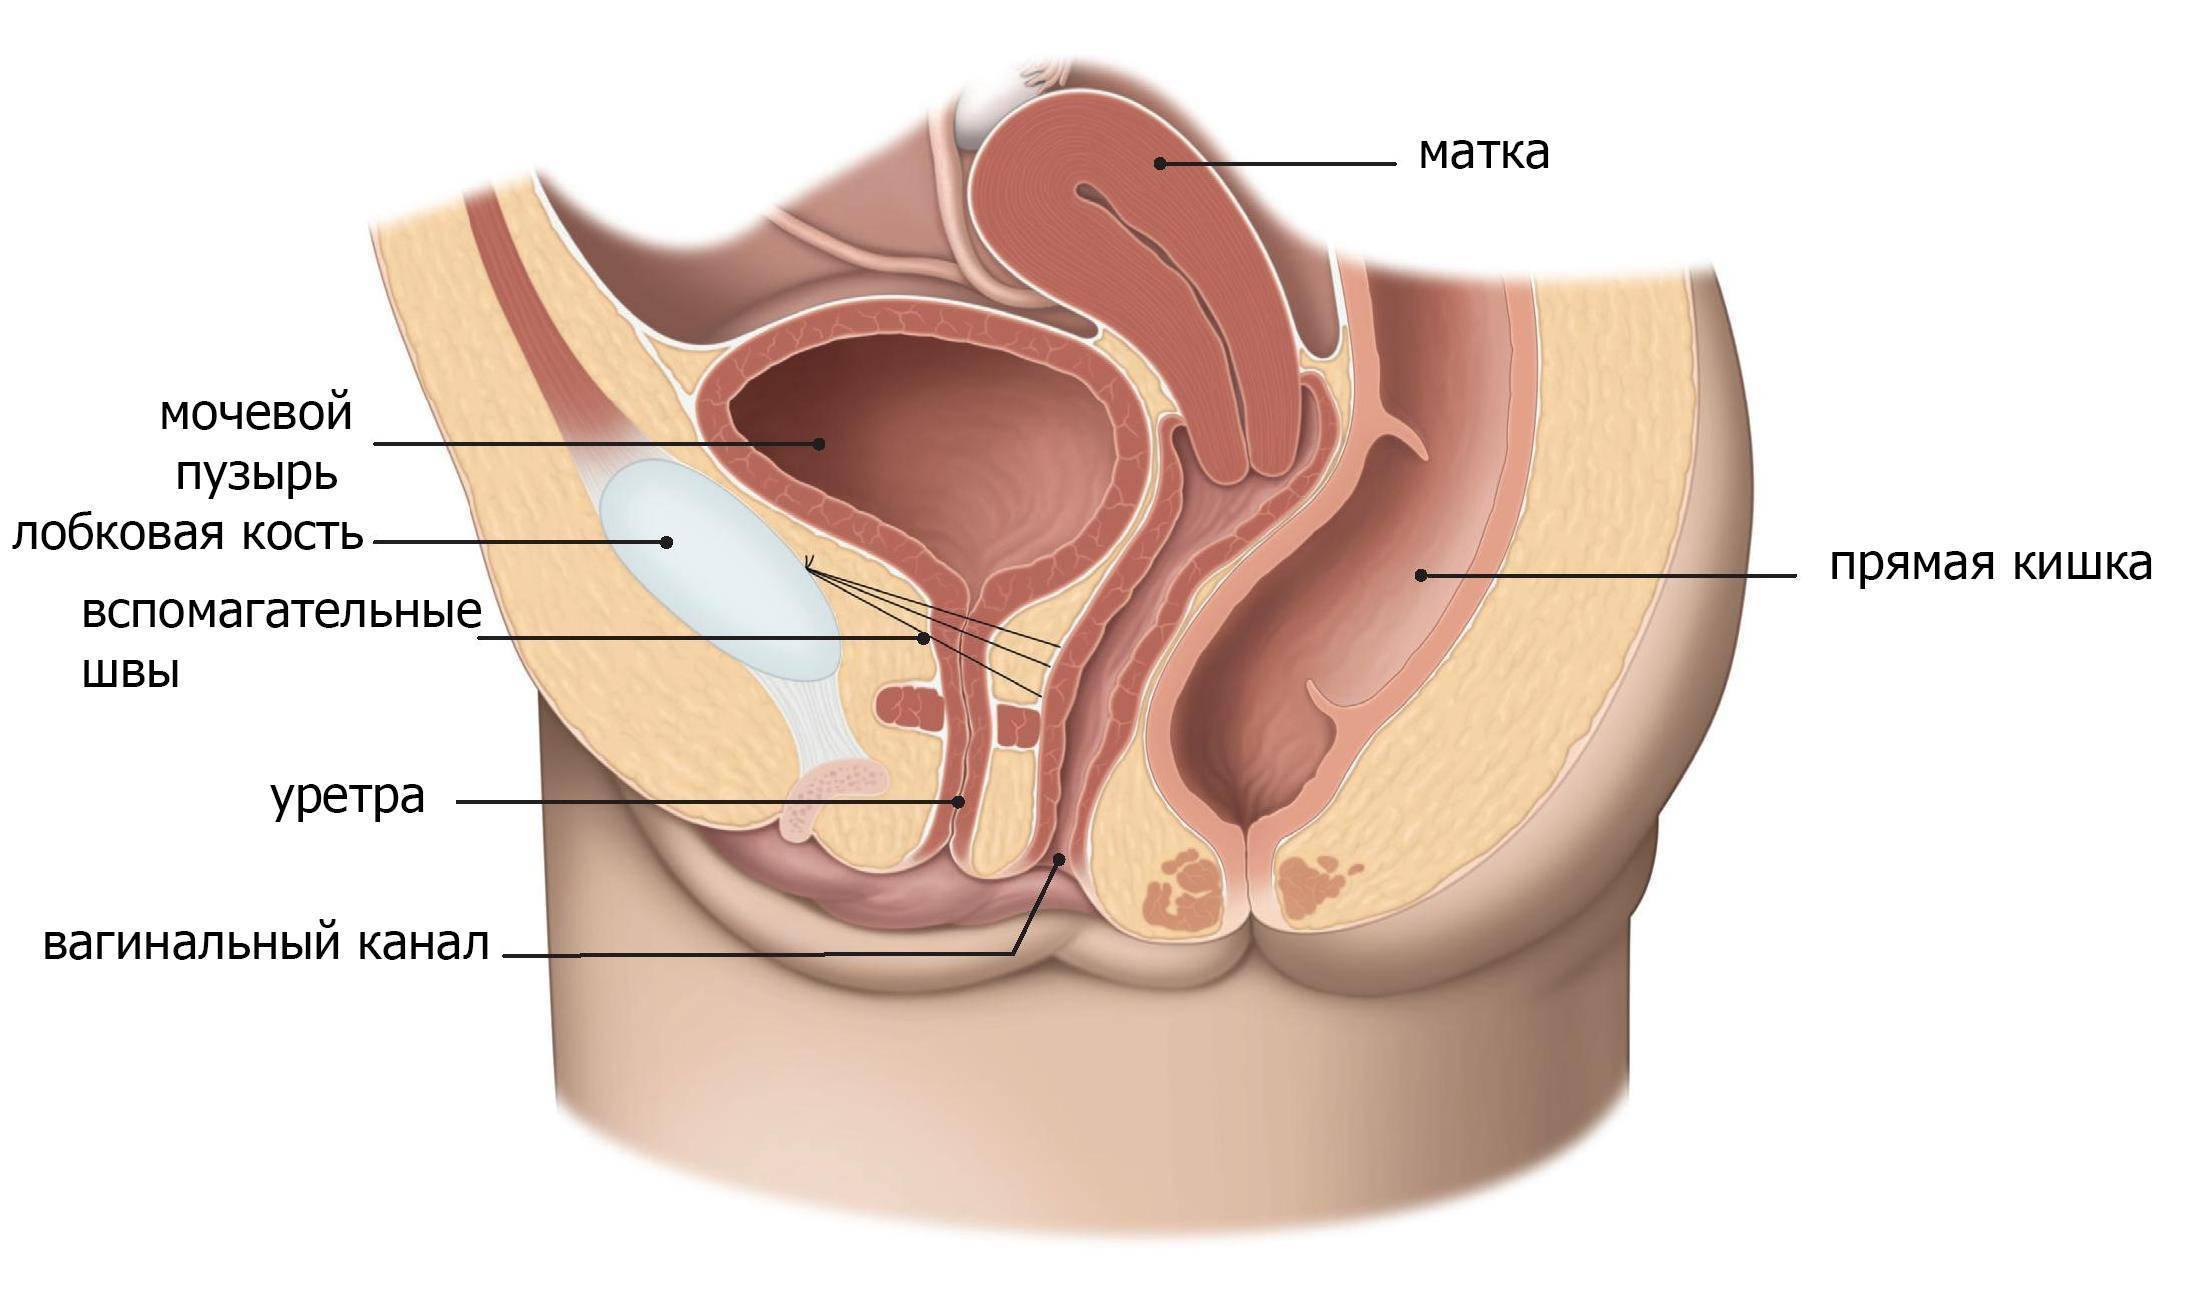 После полового акта молочница и цистит – женское здоровье